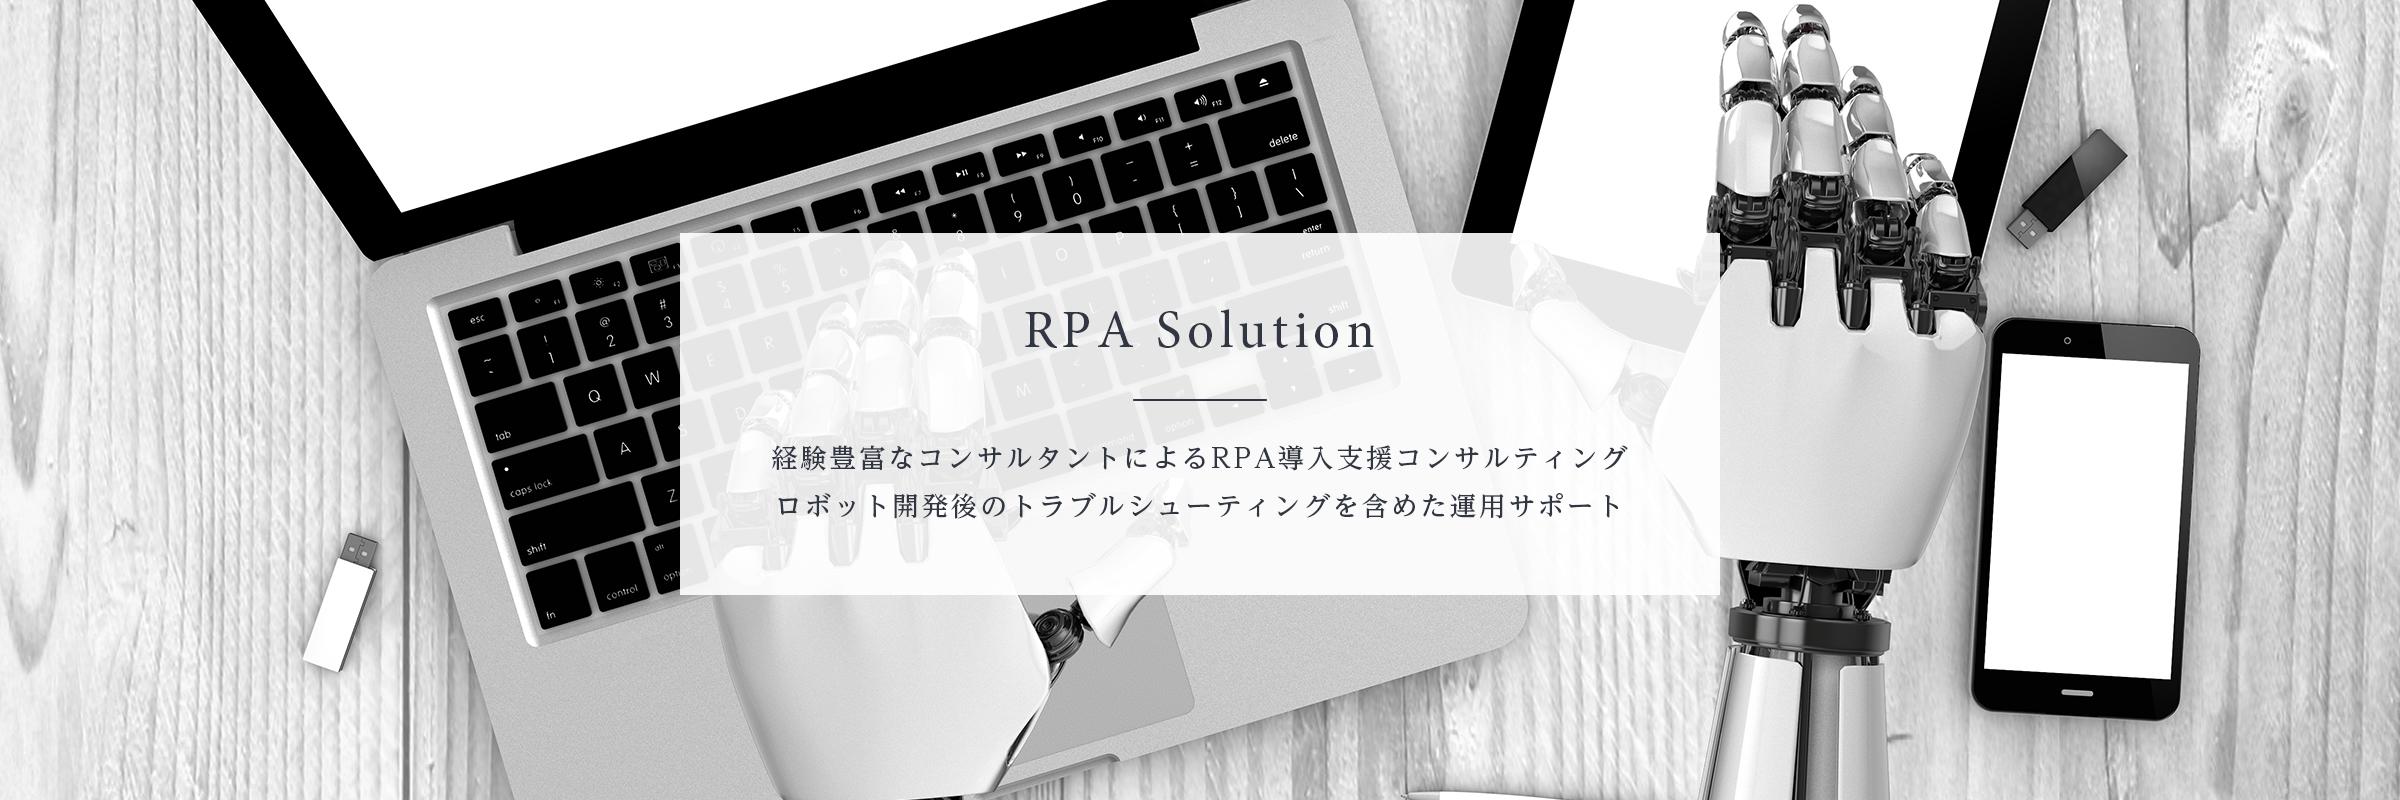 グローシップ・パートナーズ株式会社 GrowShip Partners Co.,Ltd.RPA導入支援